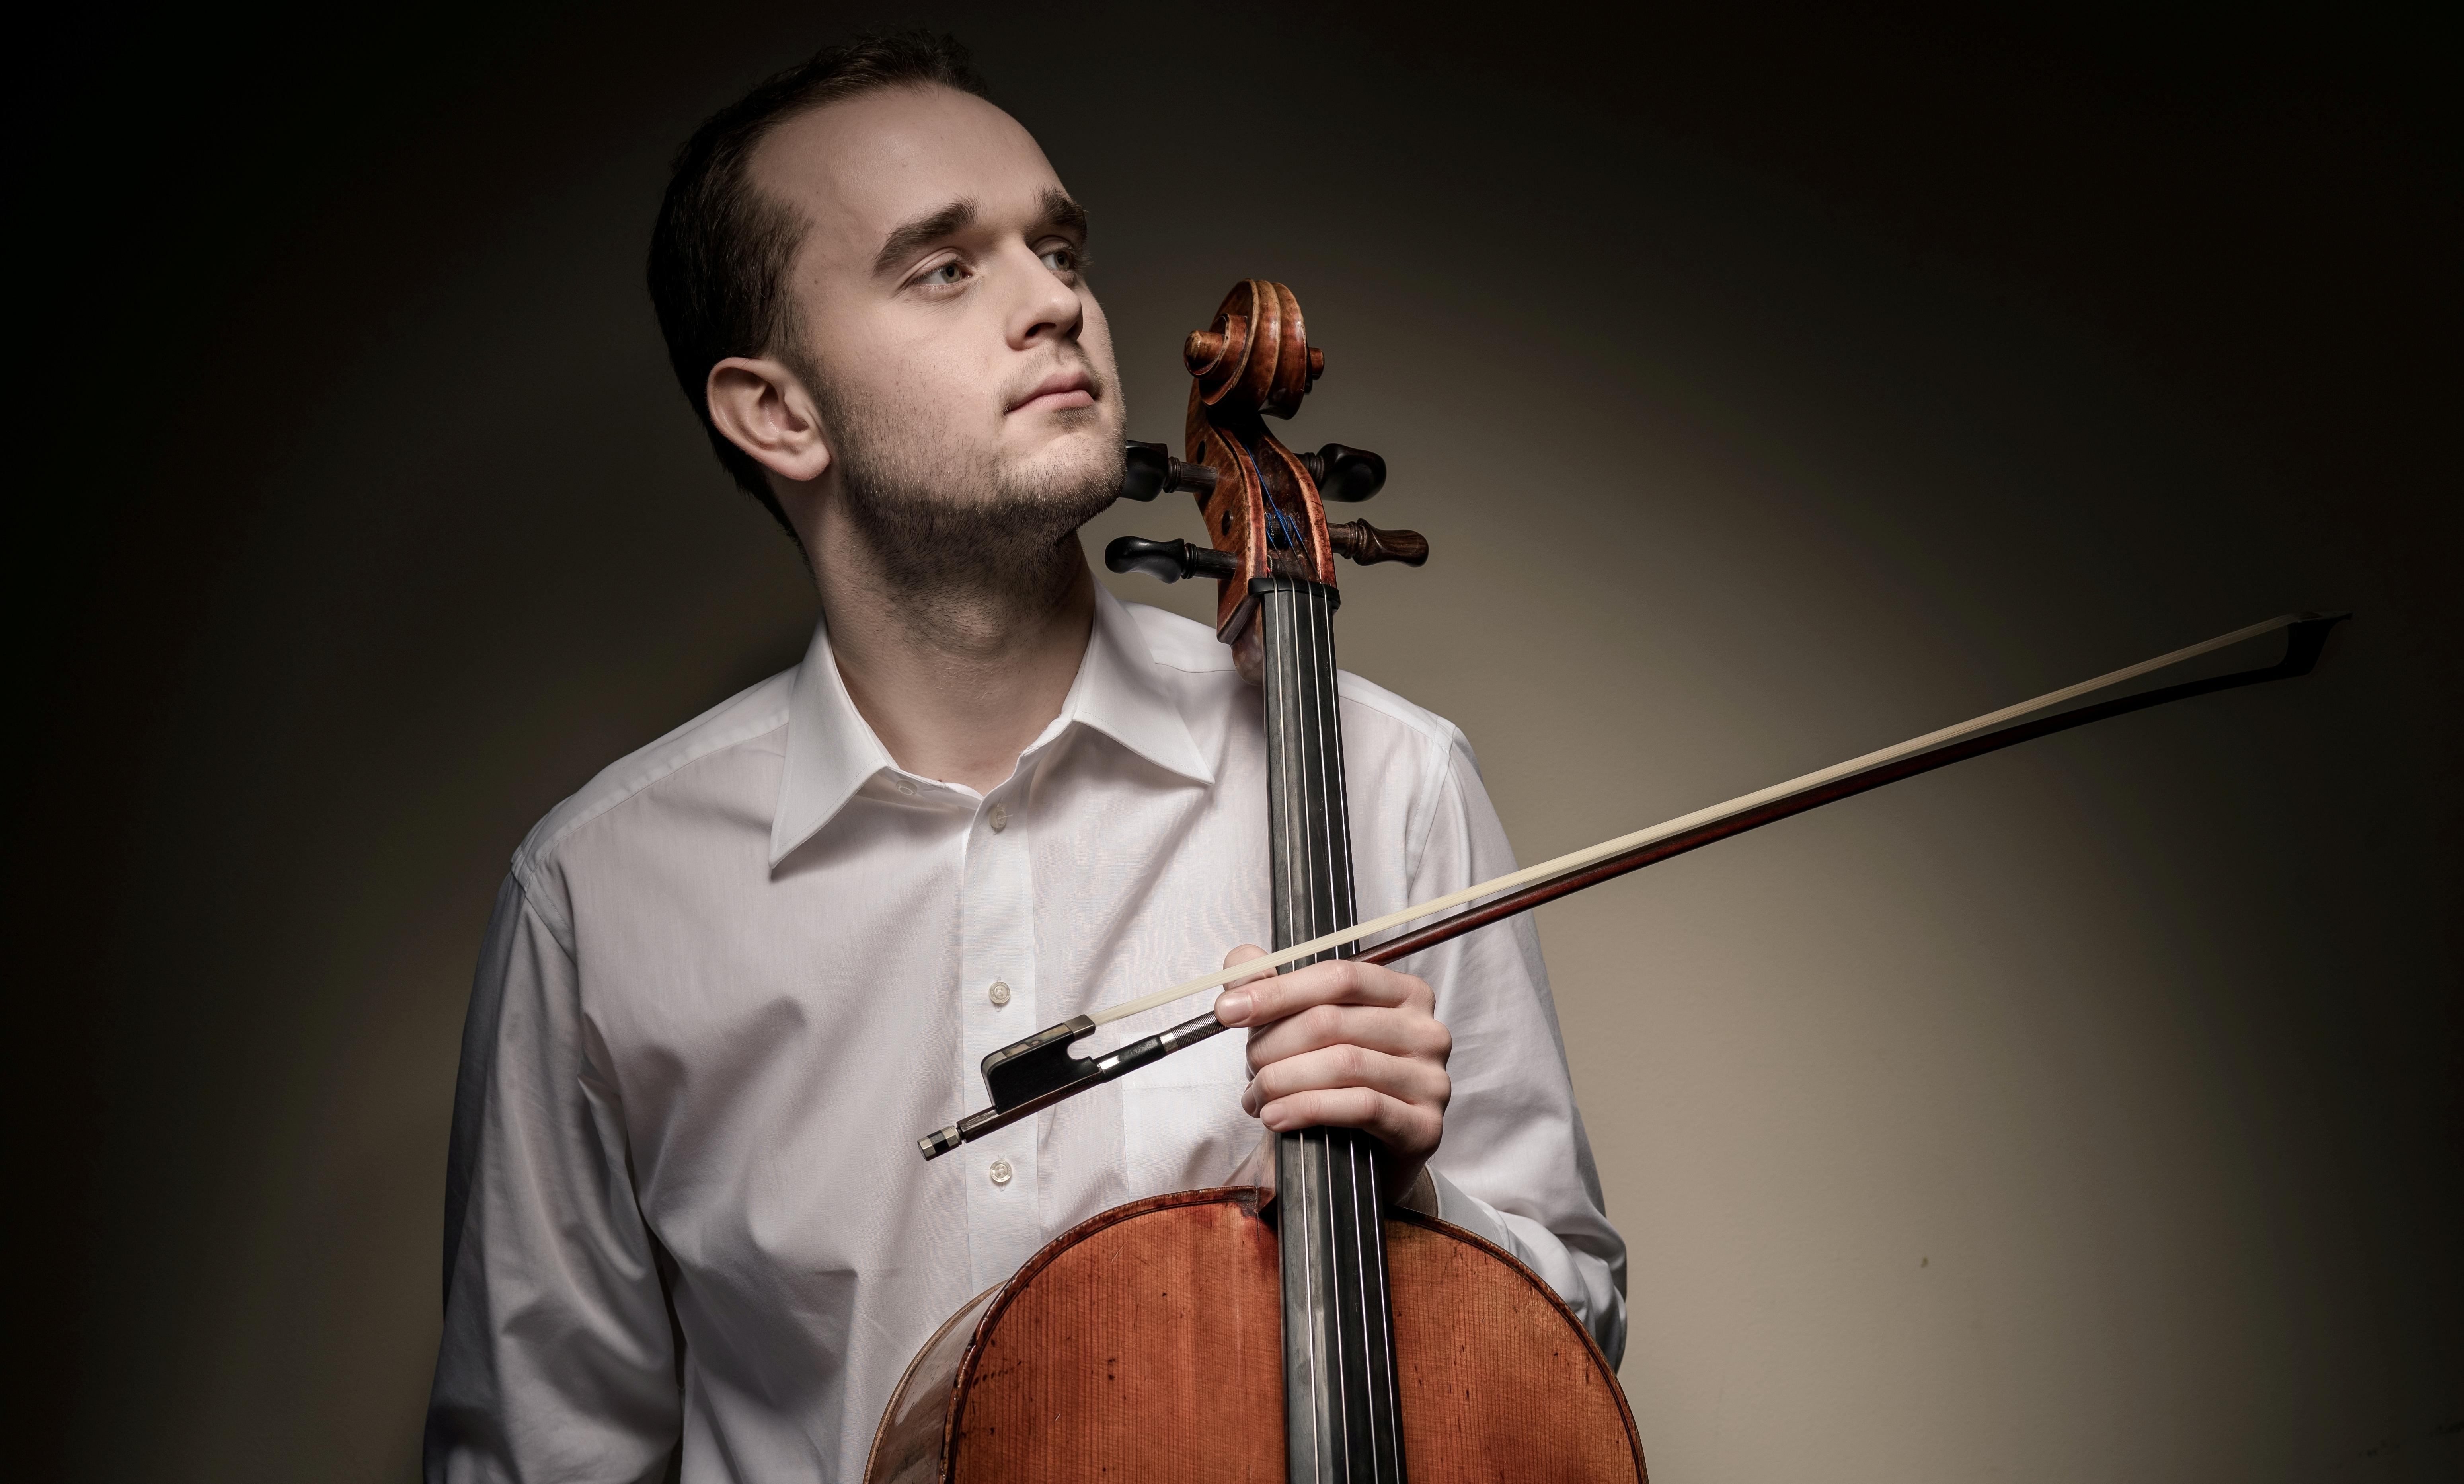 Mateusz Kułakowski